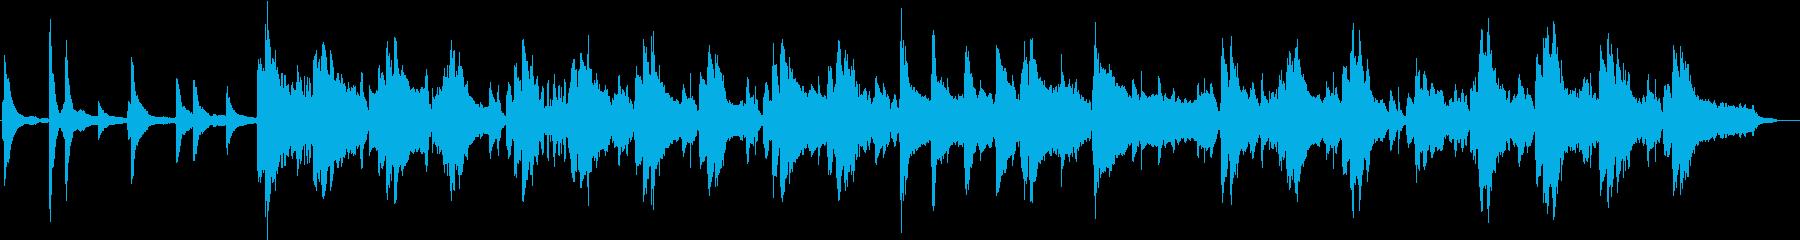 ピアノと笛が奏でる不思議な山の曲の再生済みの波形